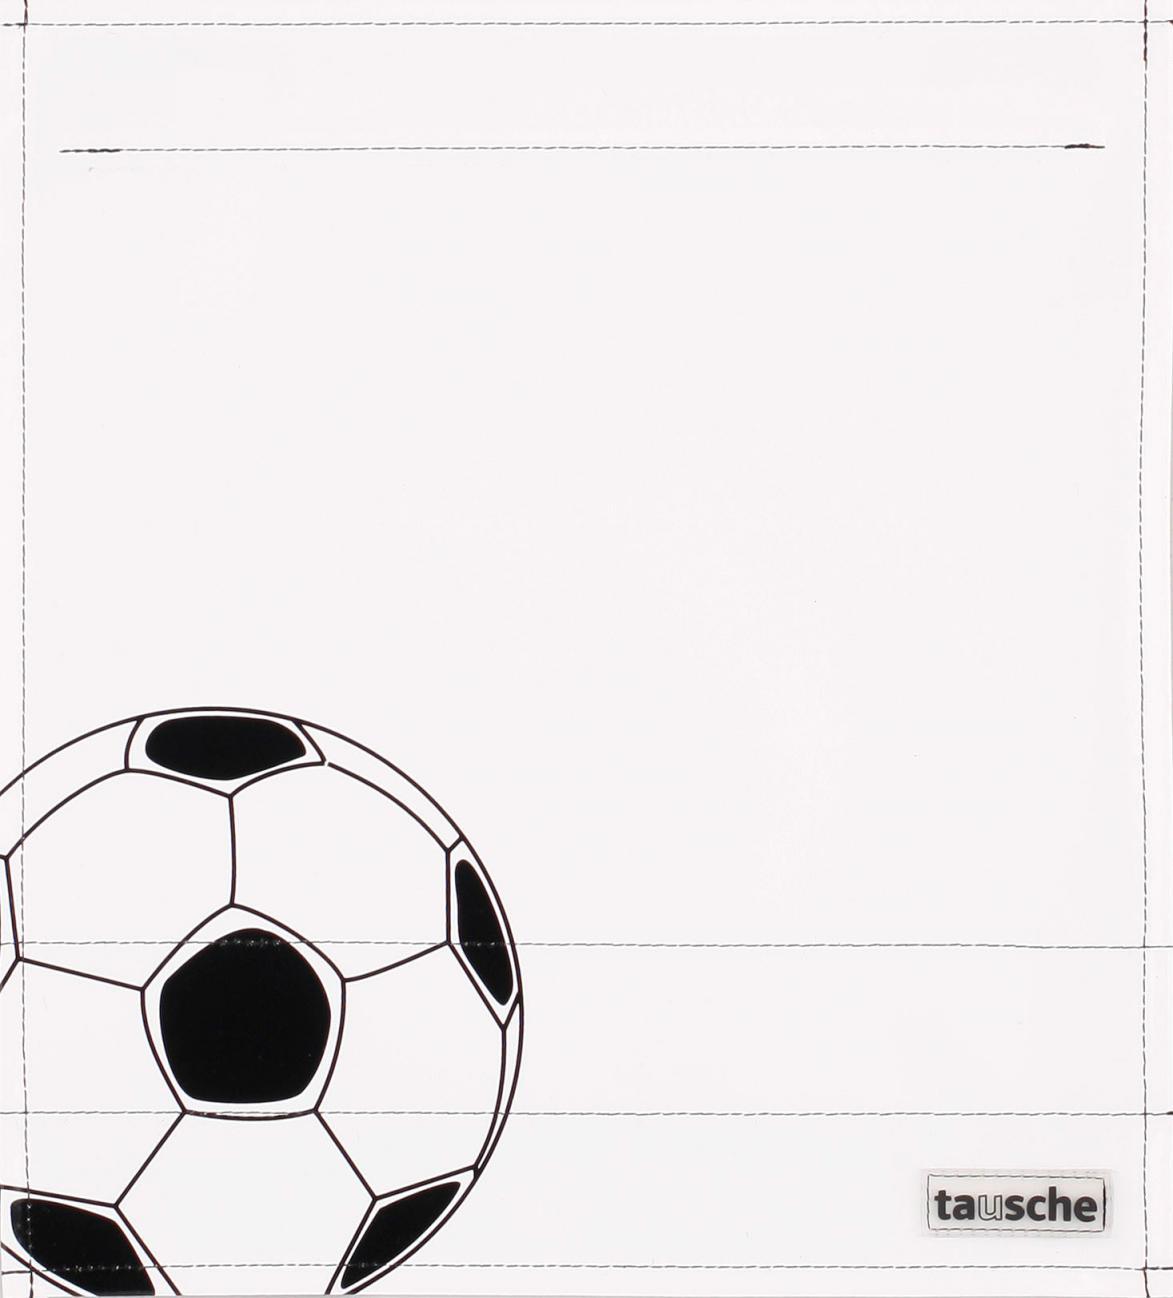 Fußball weiß/schwarz (mittel)